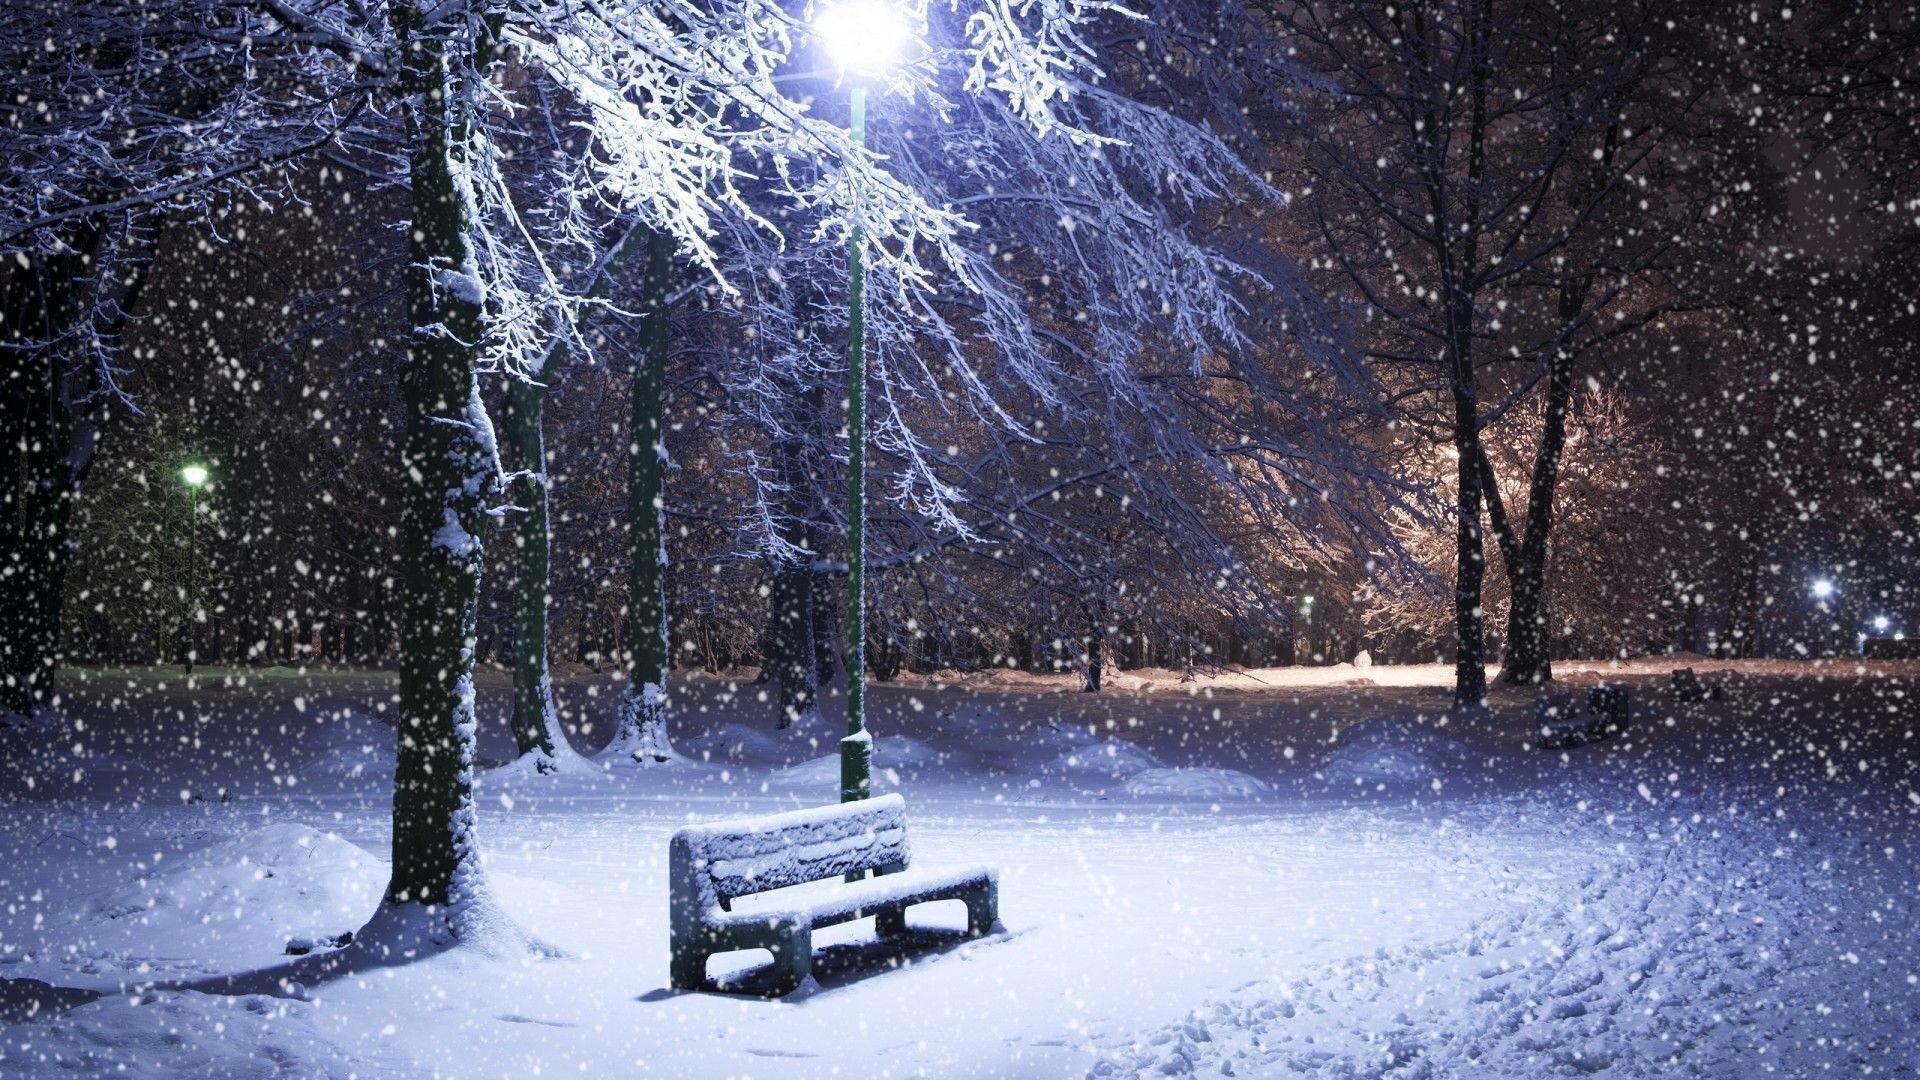 Res: 1920x1080, Snow-